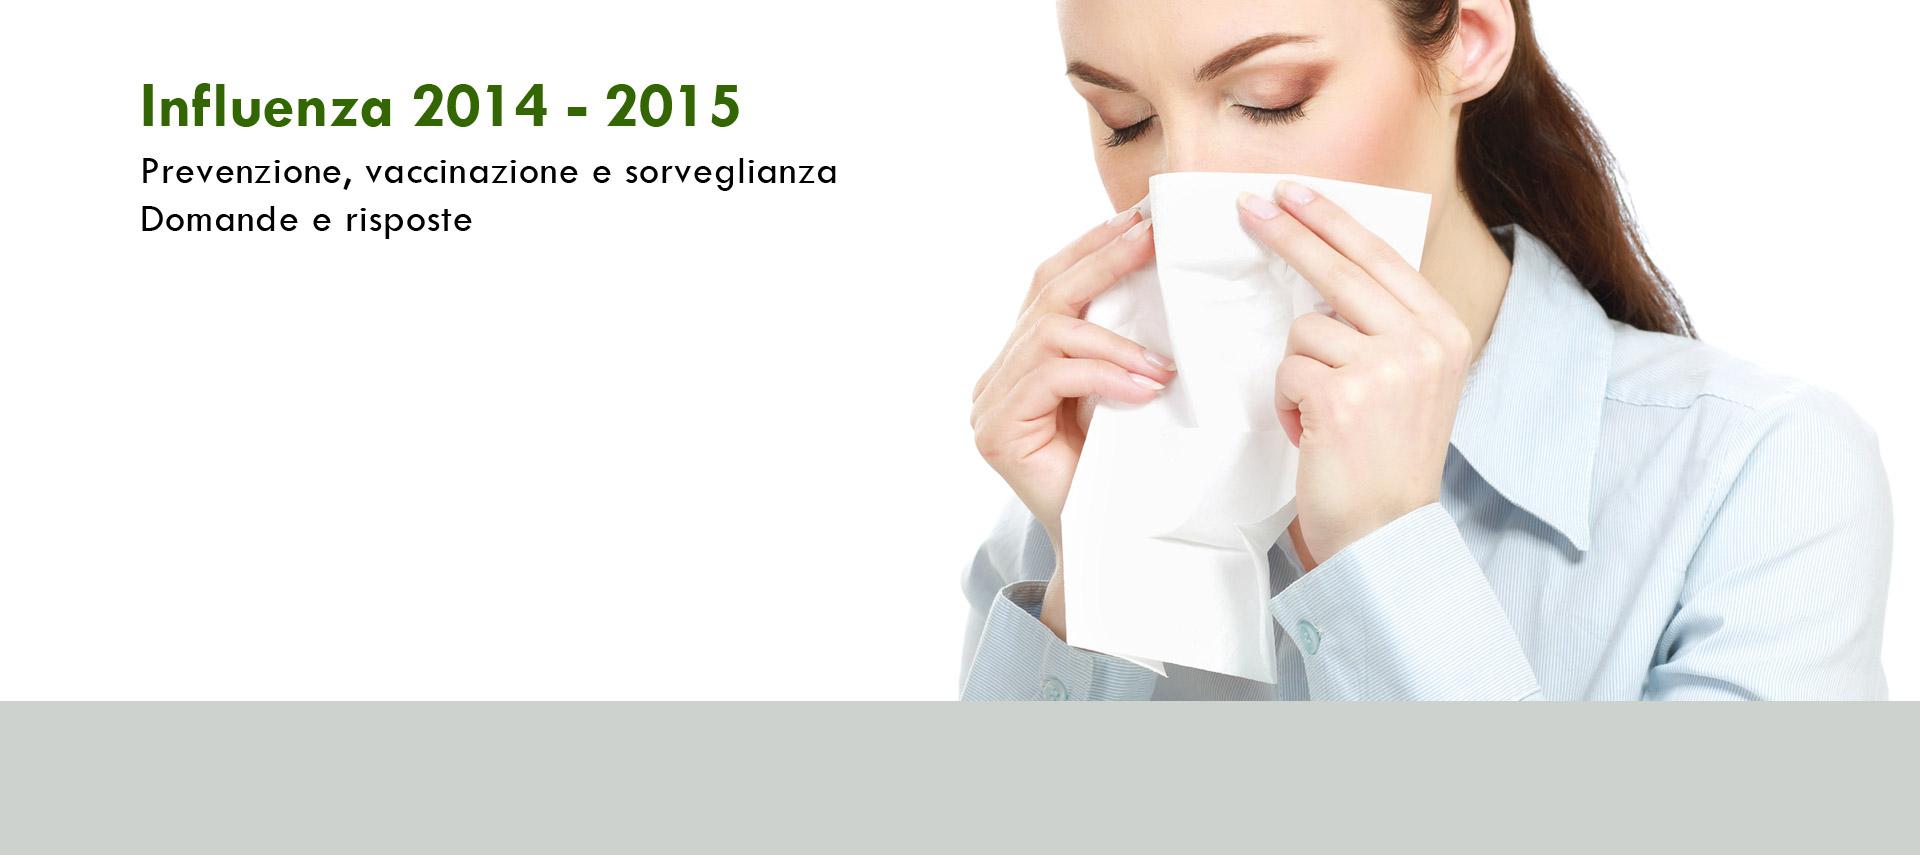 Influenza 2014-2015 Prevenzione, vaccinazione e sorveglianza. Domande e risposte 1500